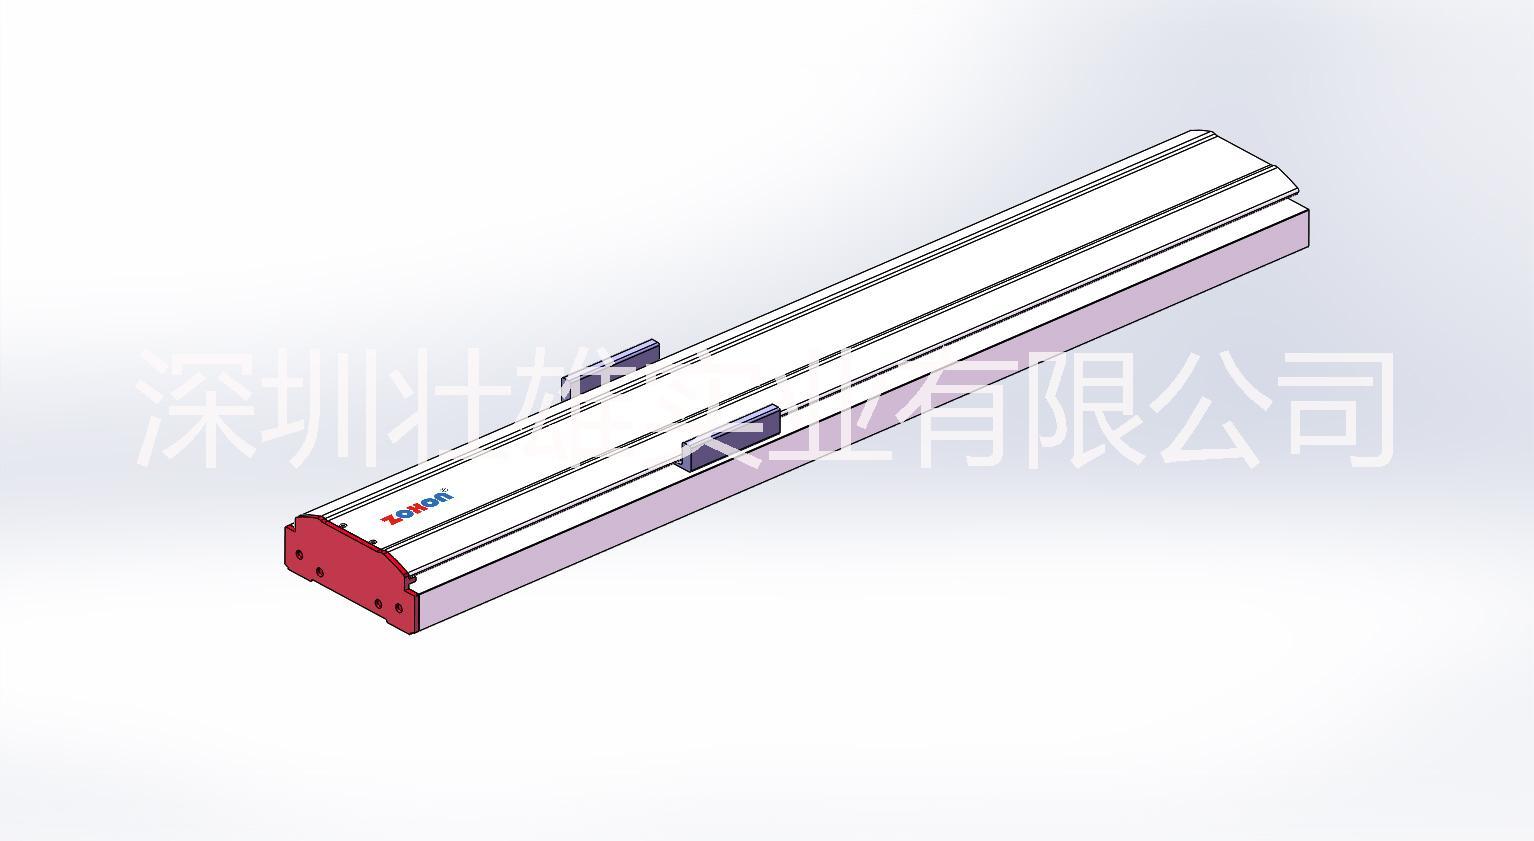 广东模组订制 模组底座线性模组滑槽铝型材 直线滑台导轨铝型材 广东铝材批发  同步带半封闭式模组型材